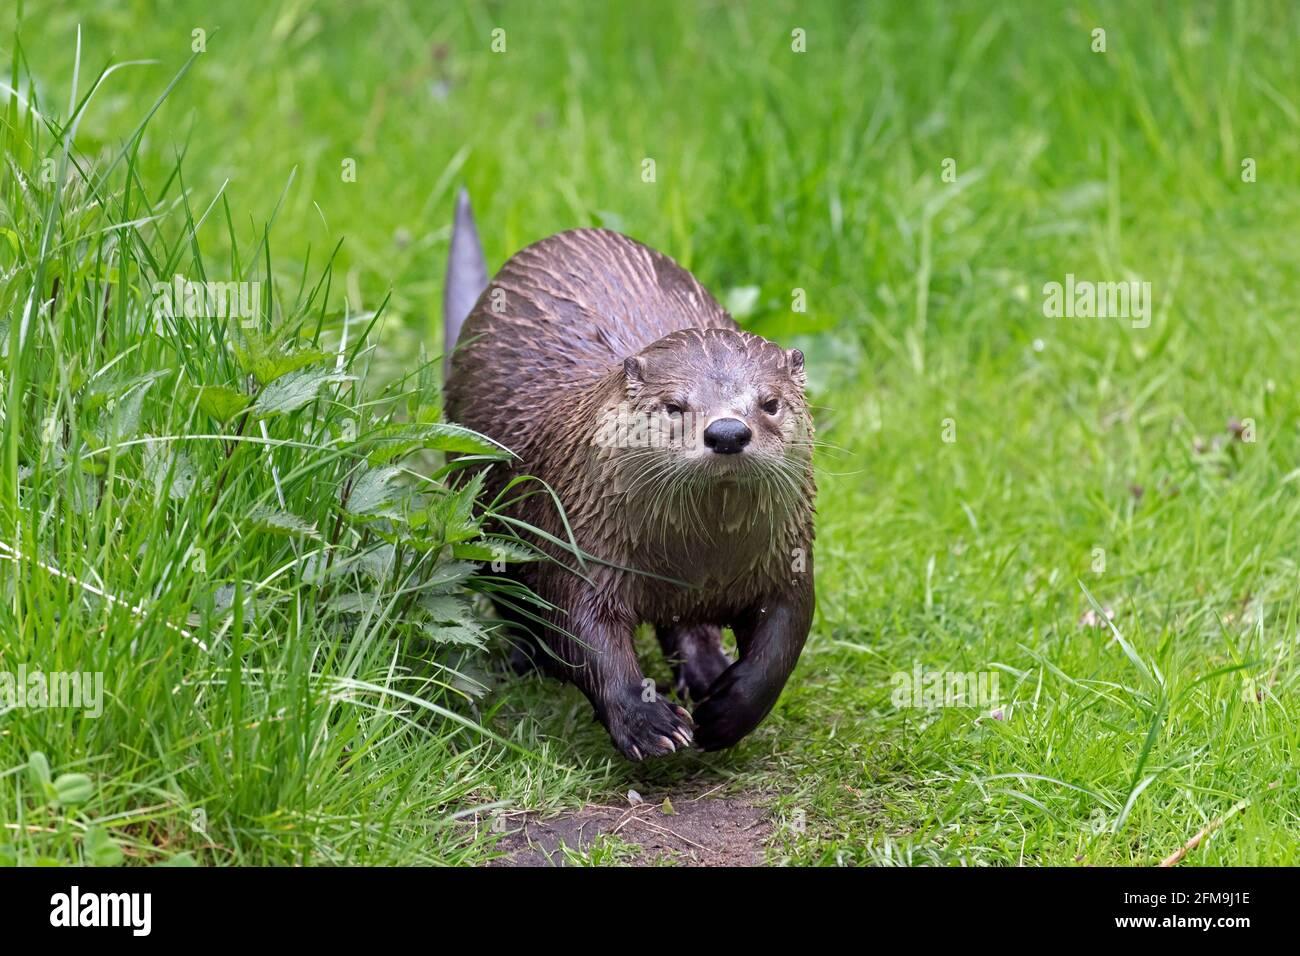 Nutria eurasiática / nutria fluvial europea (Lutra lutra) correr sobre tierra en prados / praderas en la orilla del río / rivera en primavera Foto de stock